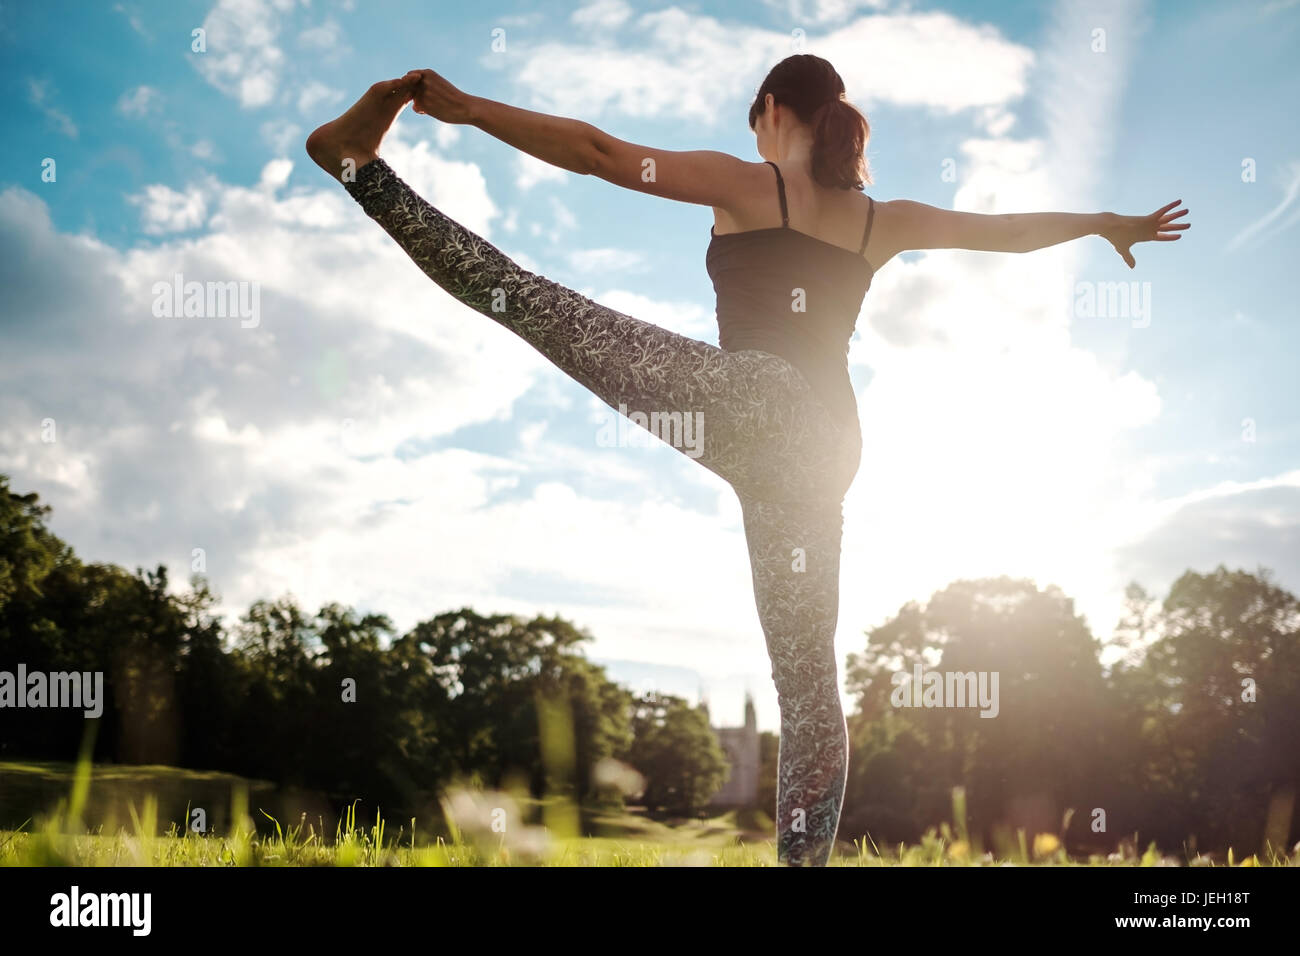 La donna caucasica yoga in permanente equilibrio Utthita Hasta Padangusthasana pongono. Vista posteriore Immagini Stock